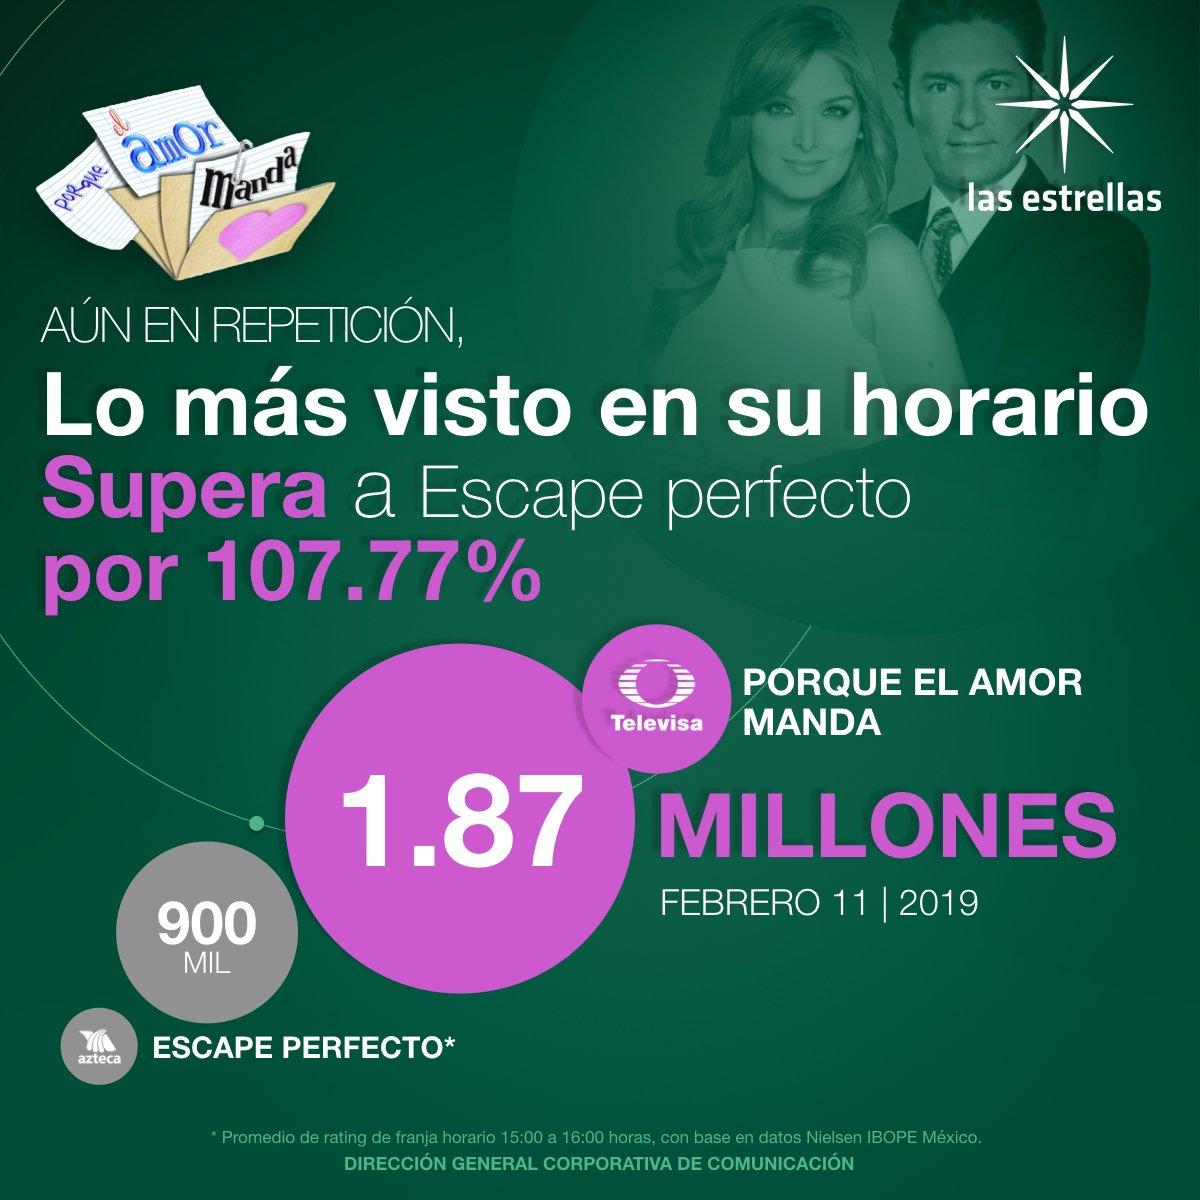 Aún en repetición, #PorqueElAmorManda, es el programa más visto en su barra de horario, superando por más de 107% a su competencia. ¡Gracias! 😎🙏